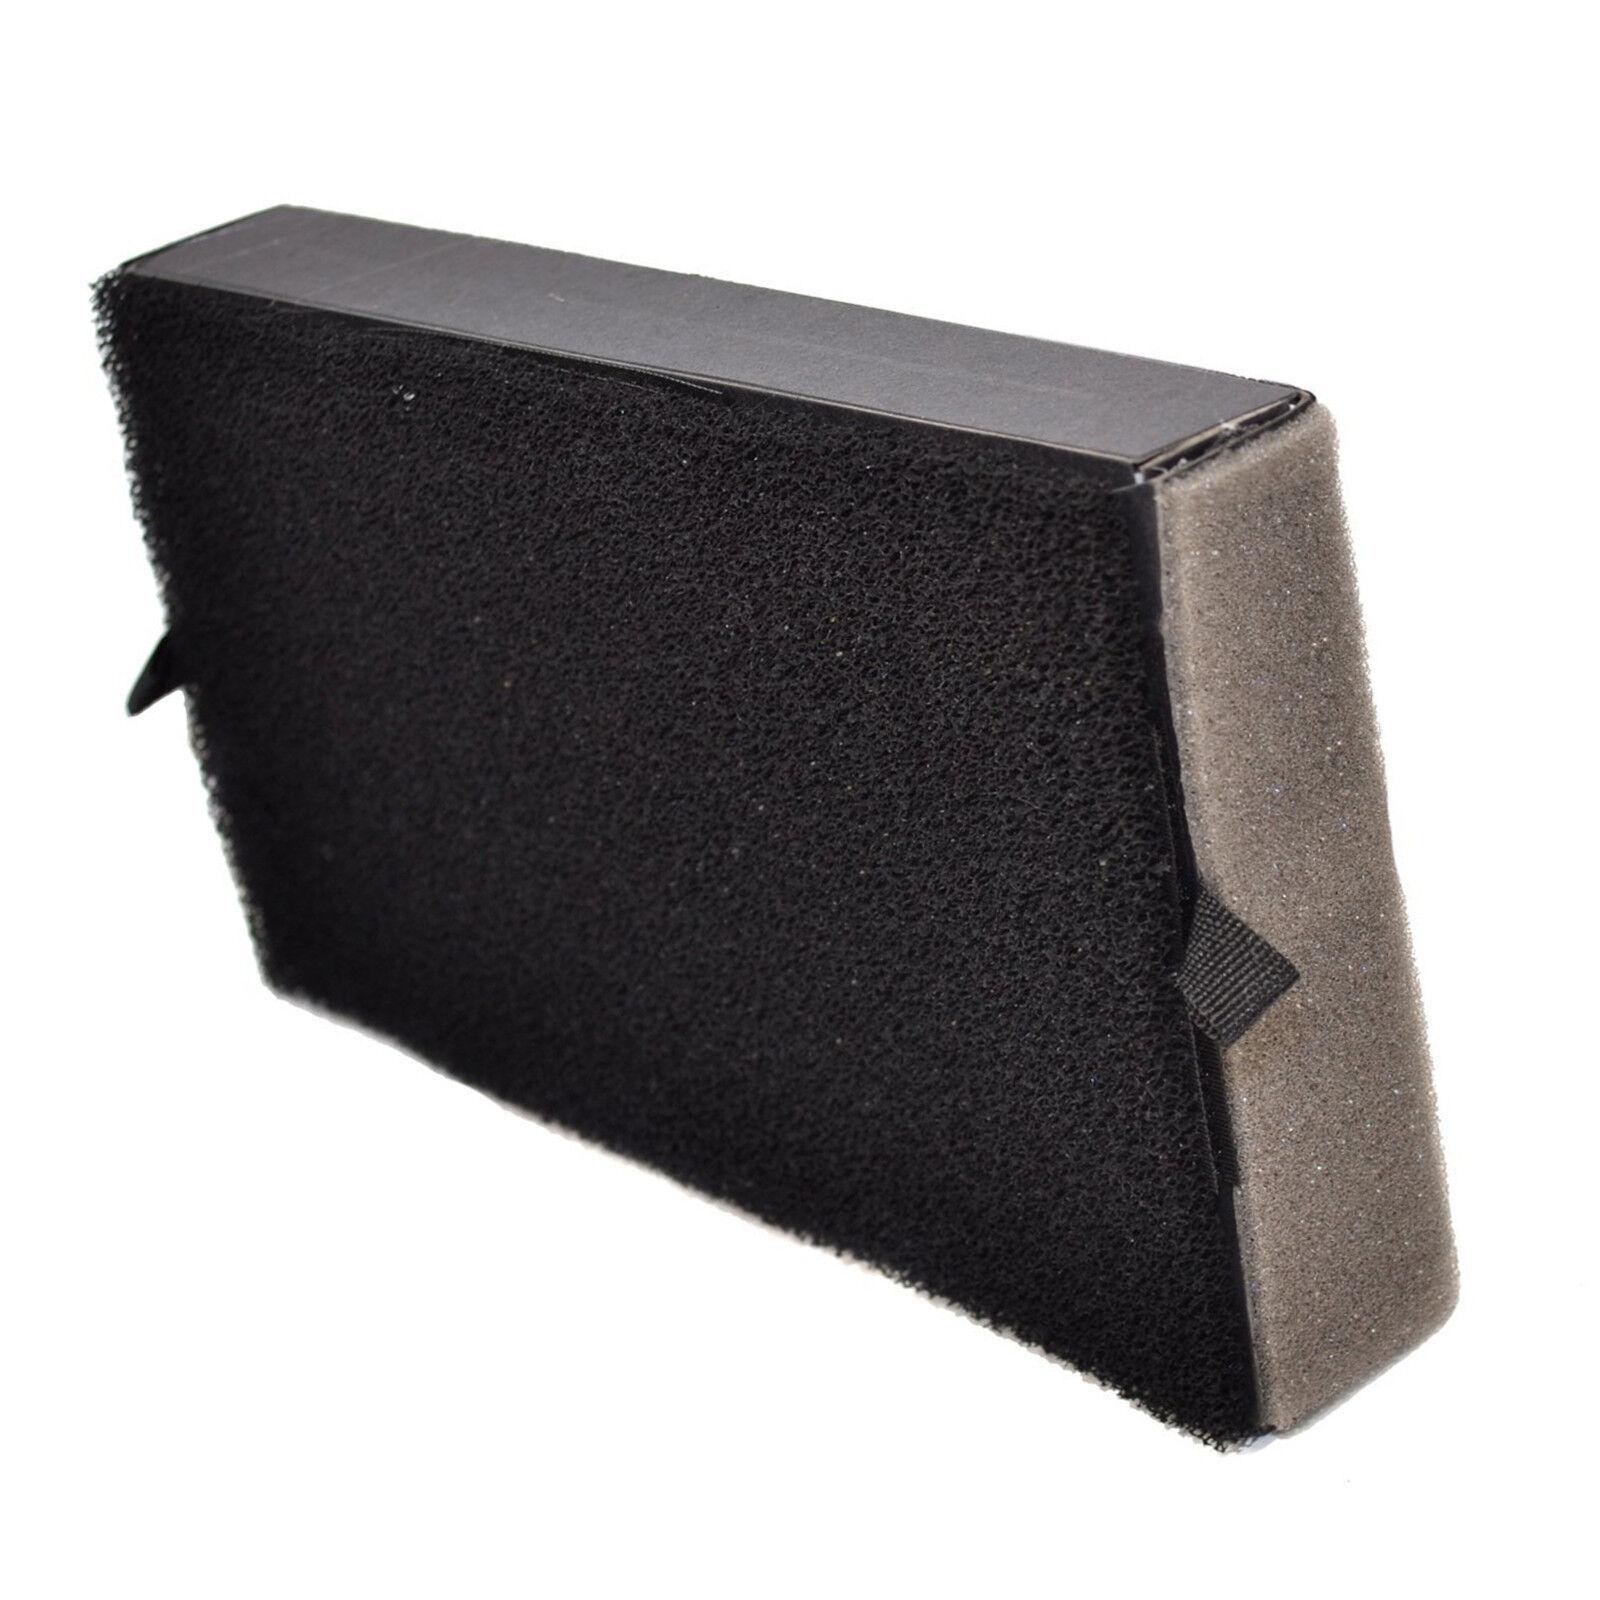 HQRP Filter E 4x Carbon Filter for GermGuardian AC4100 AC4150 FLT4100 FLT11CB4